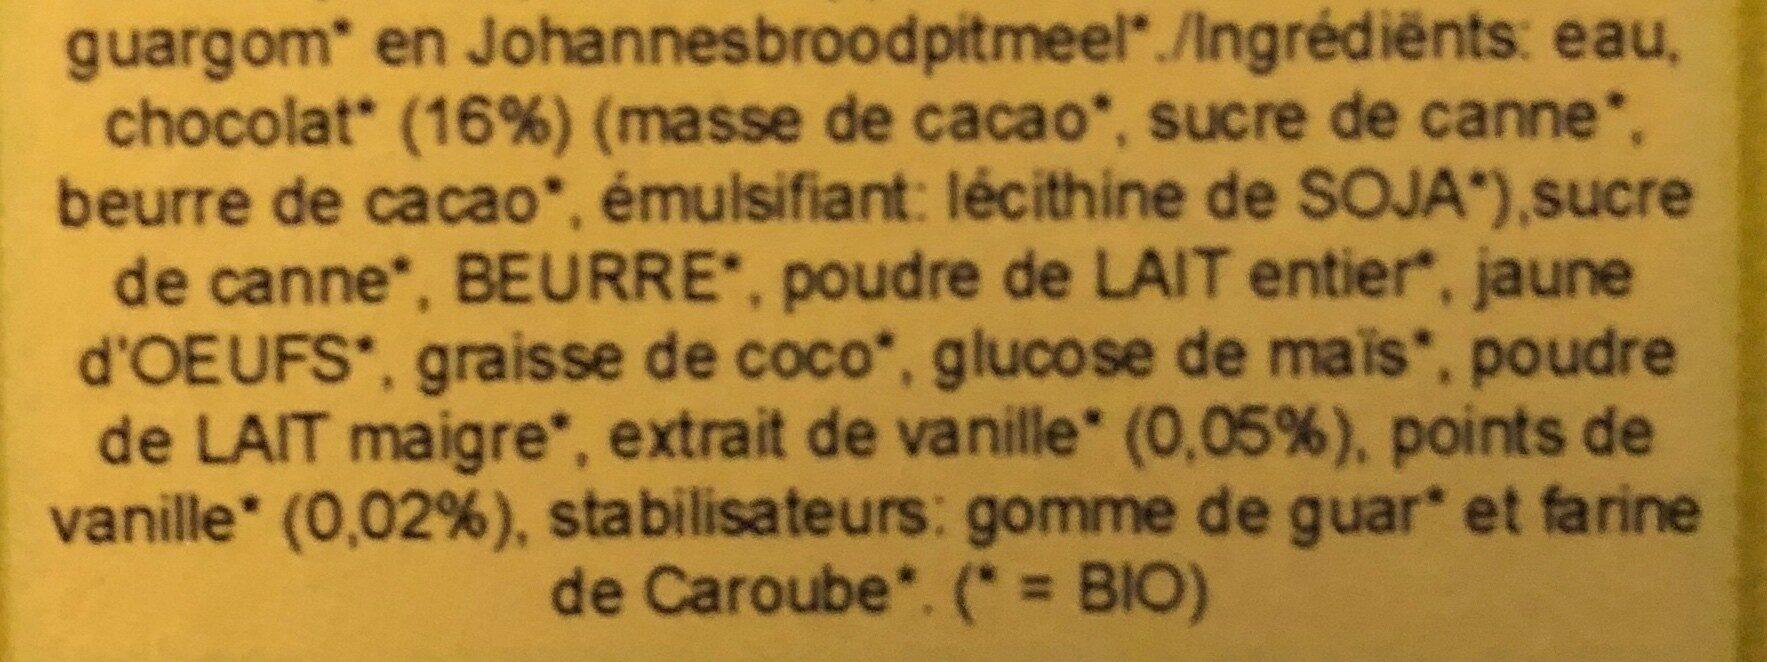 Bio pralines glacees - Ingrediënten